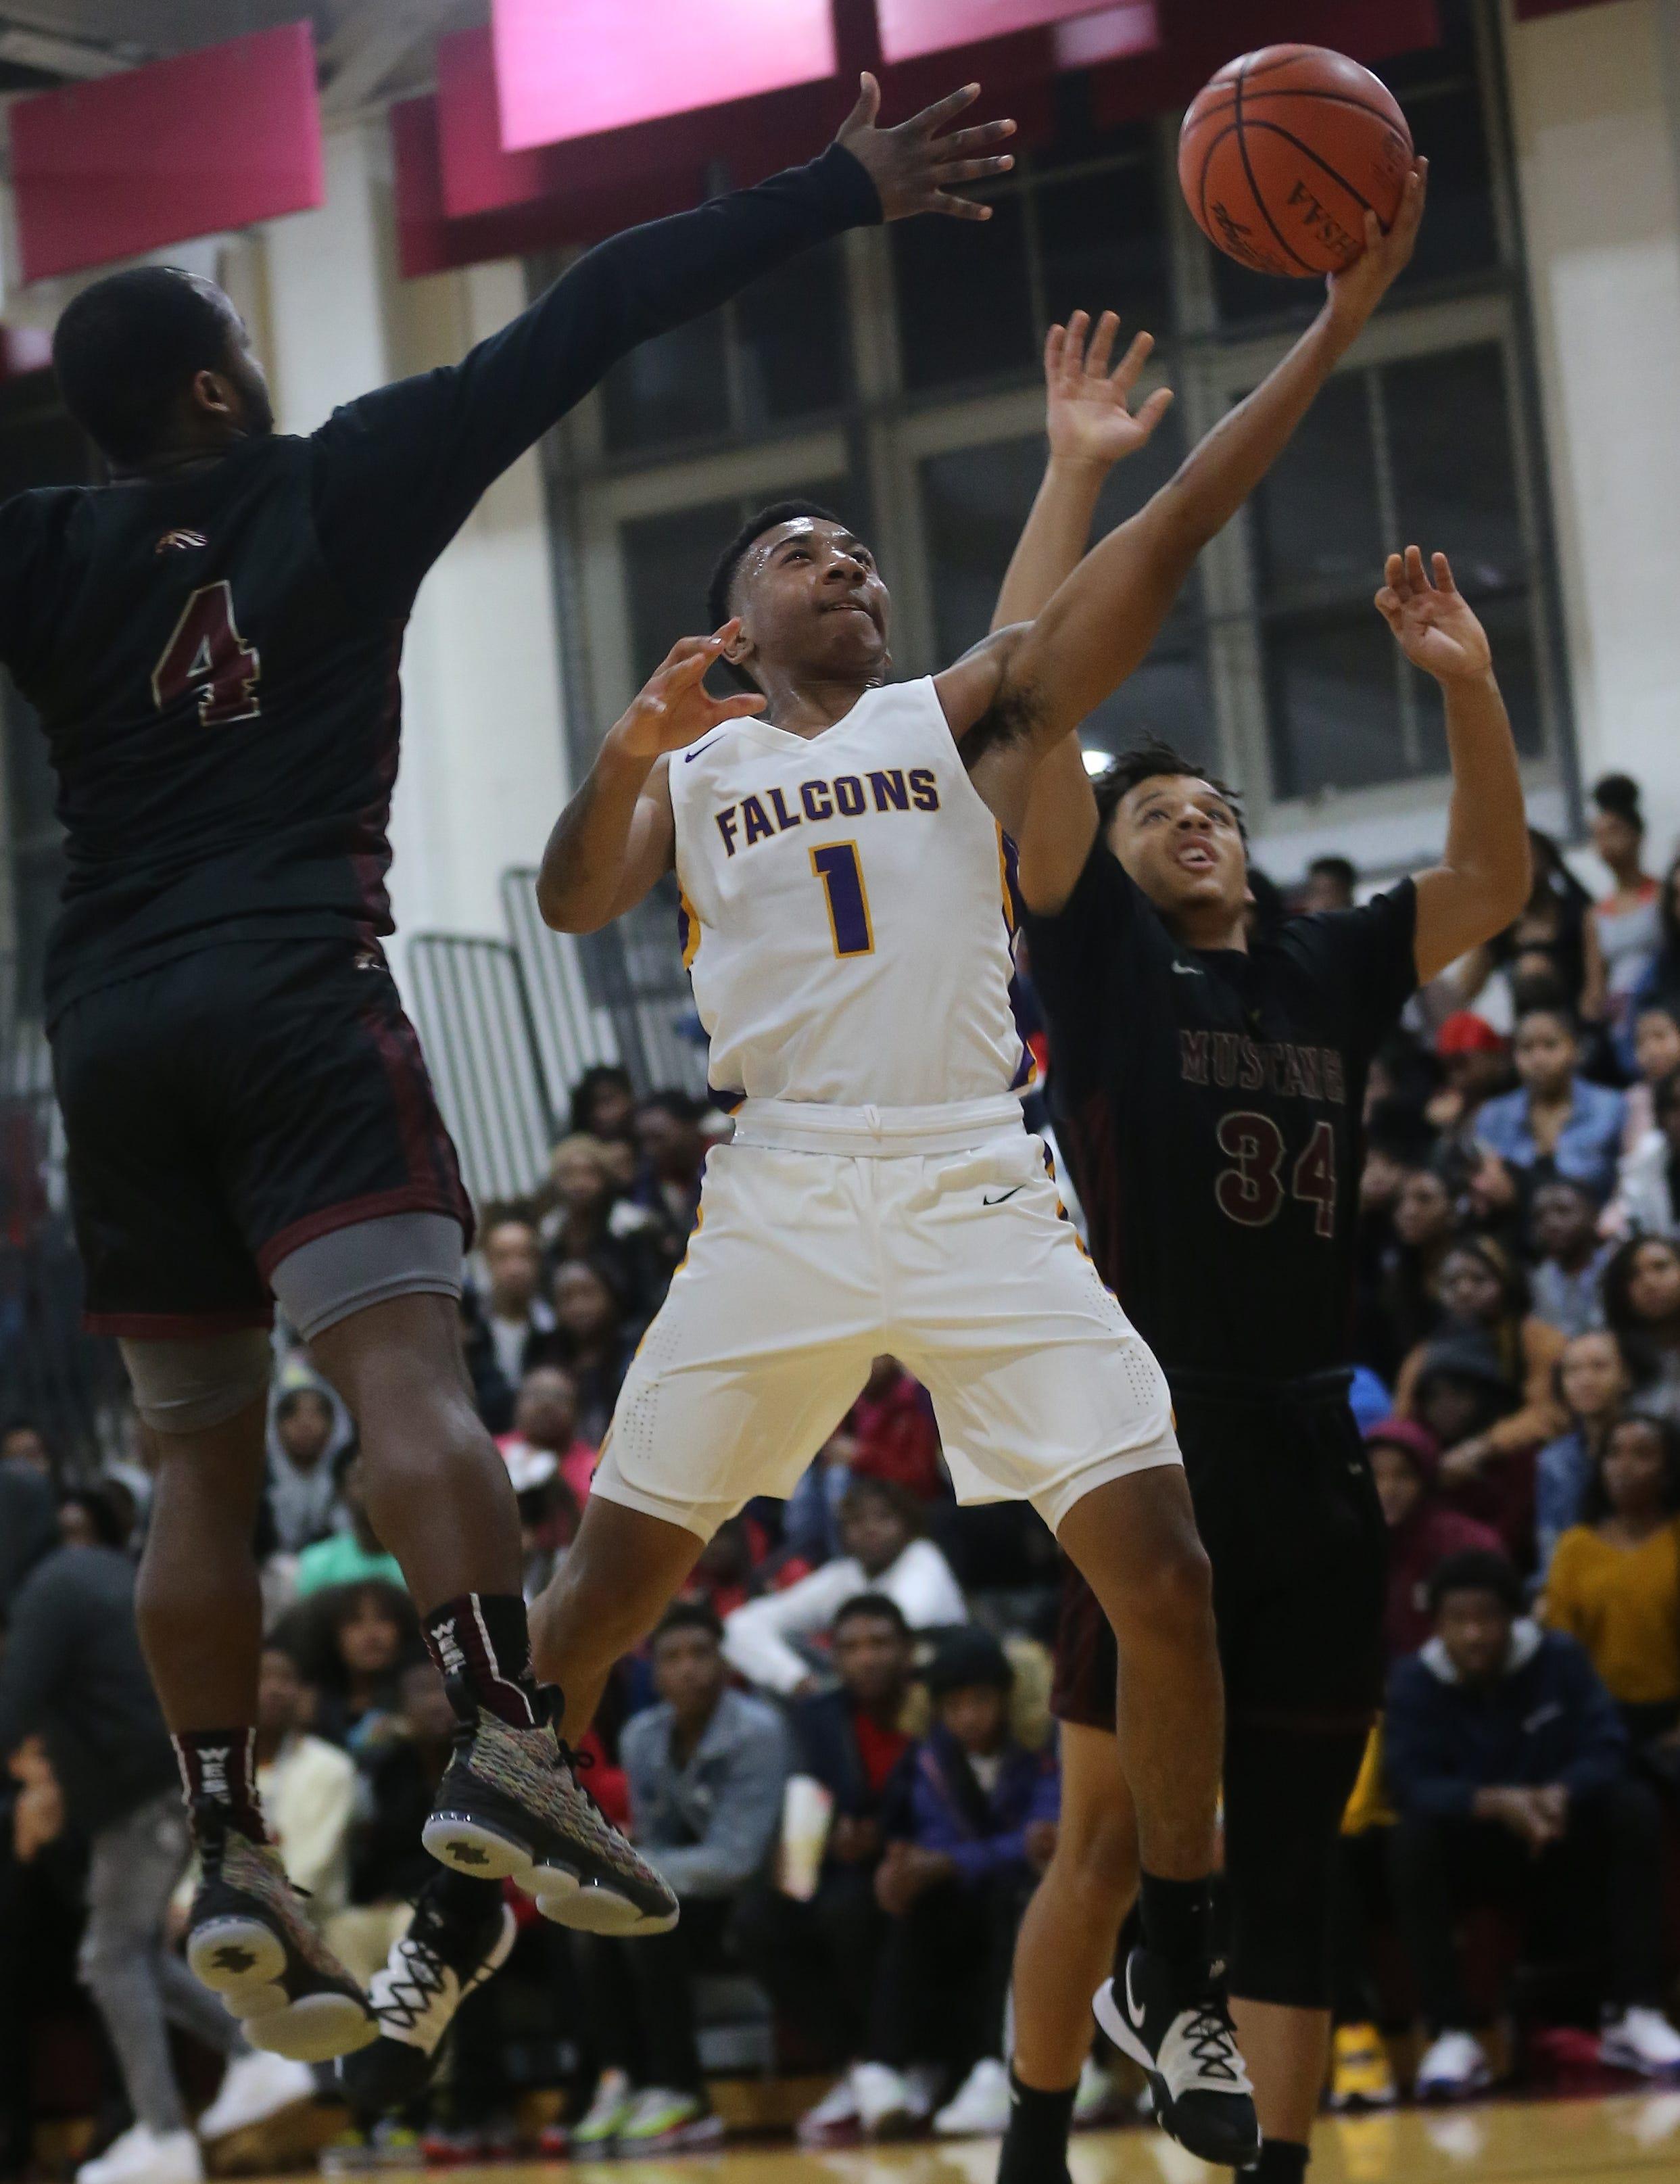 Aiken v. Western Hills basketball, Dec. 13